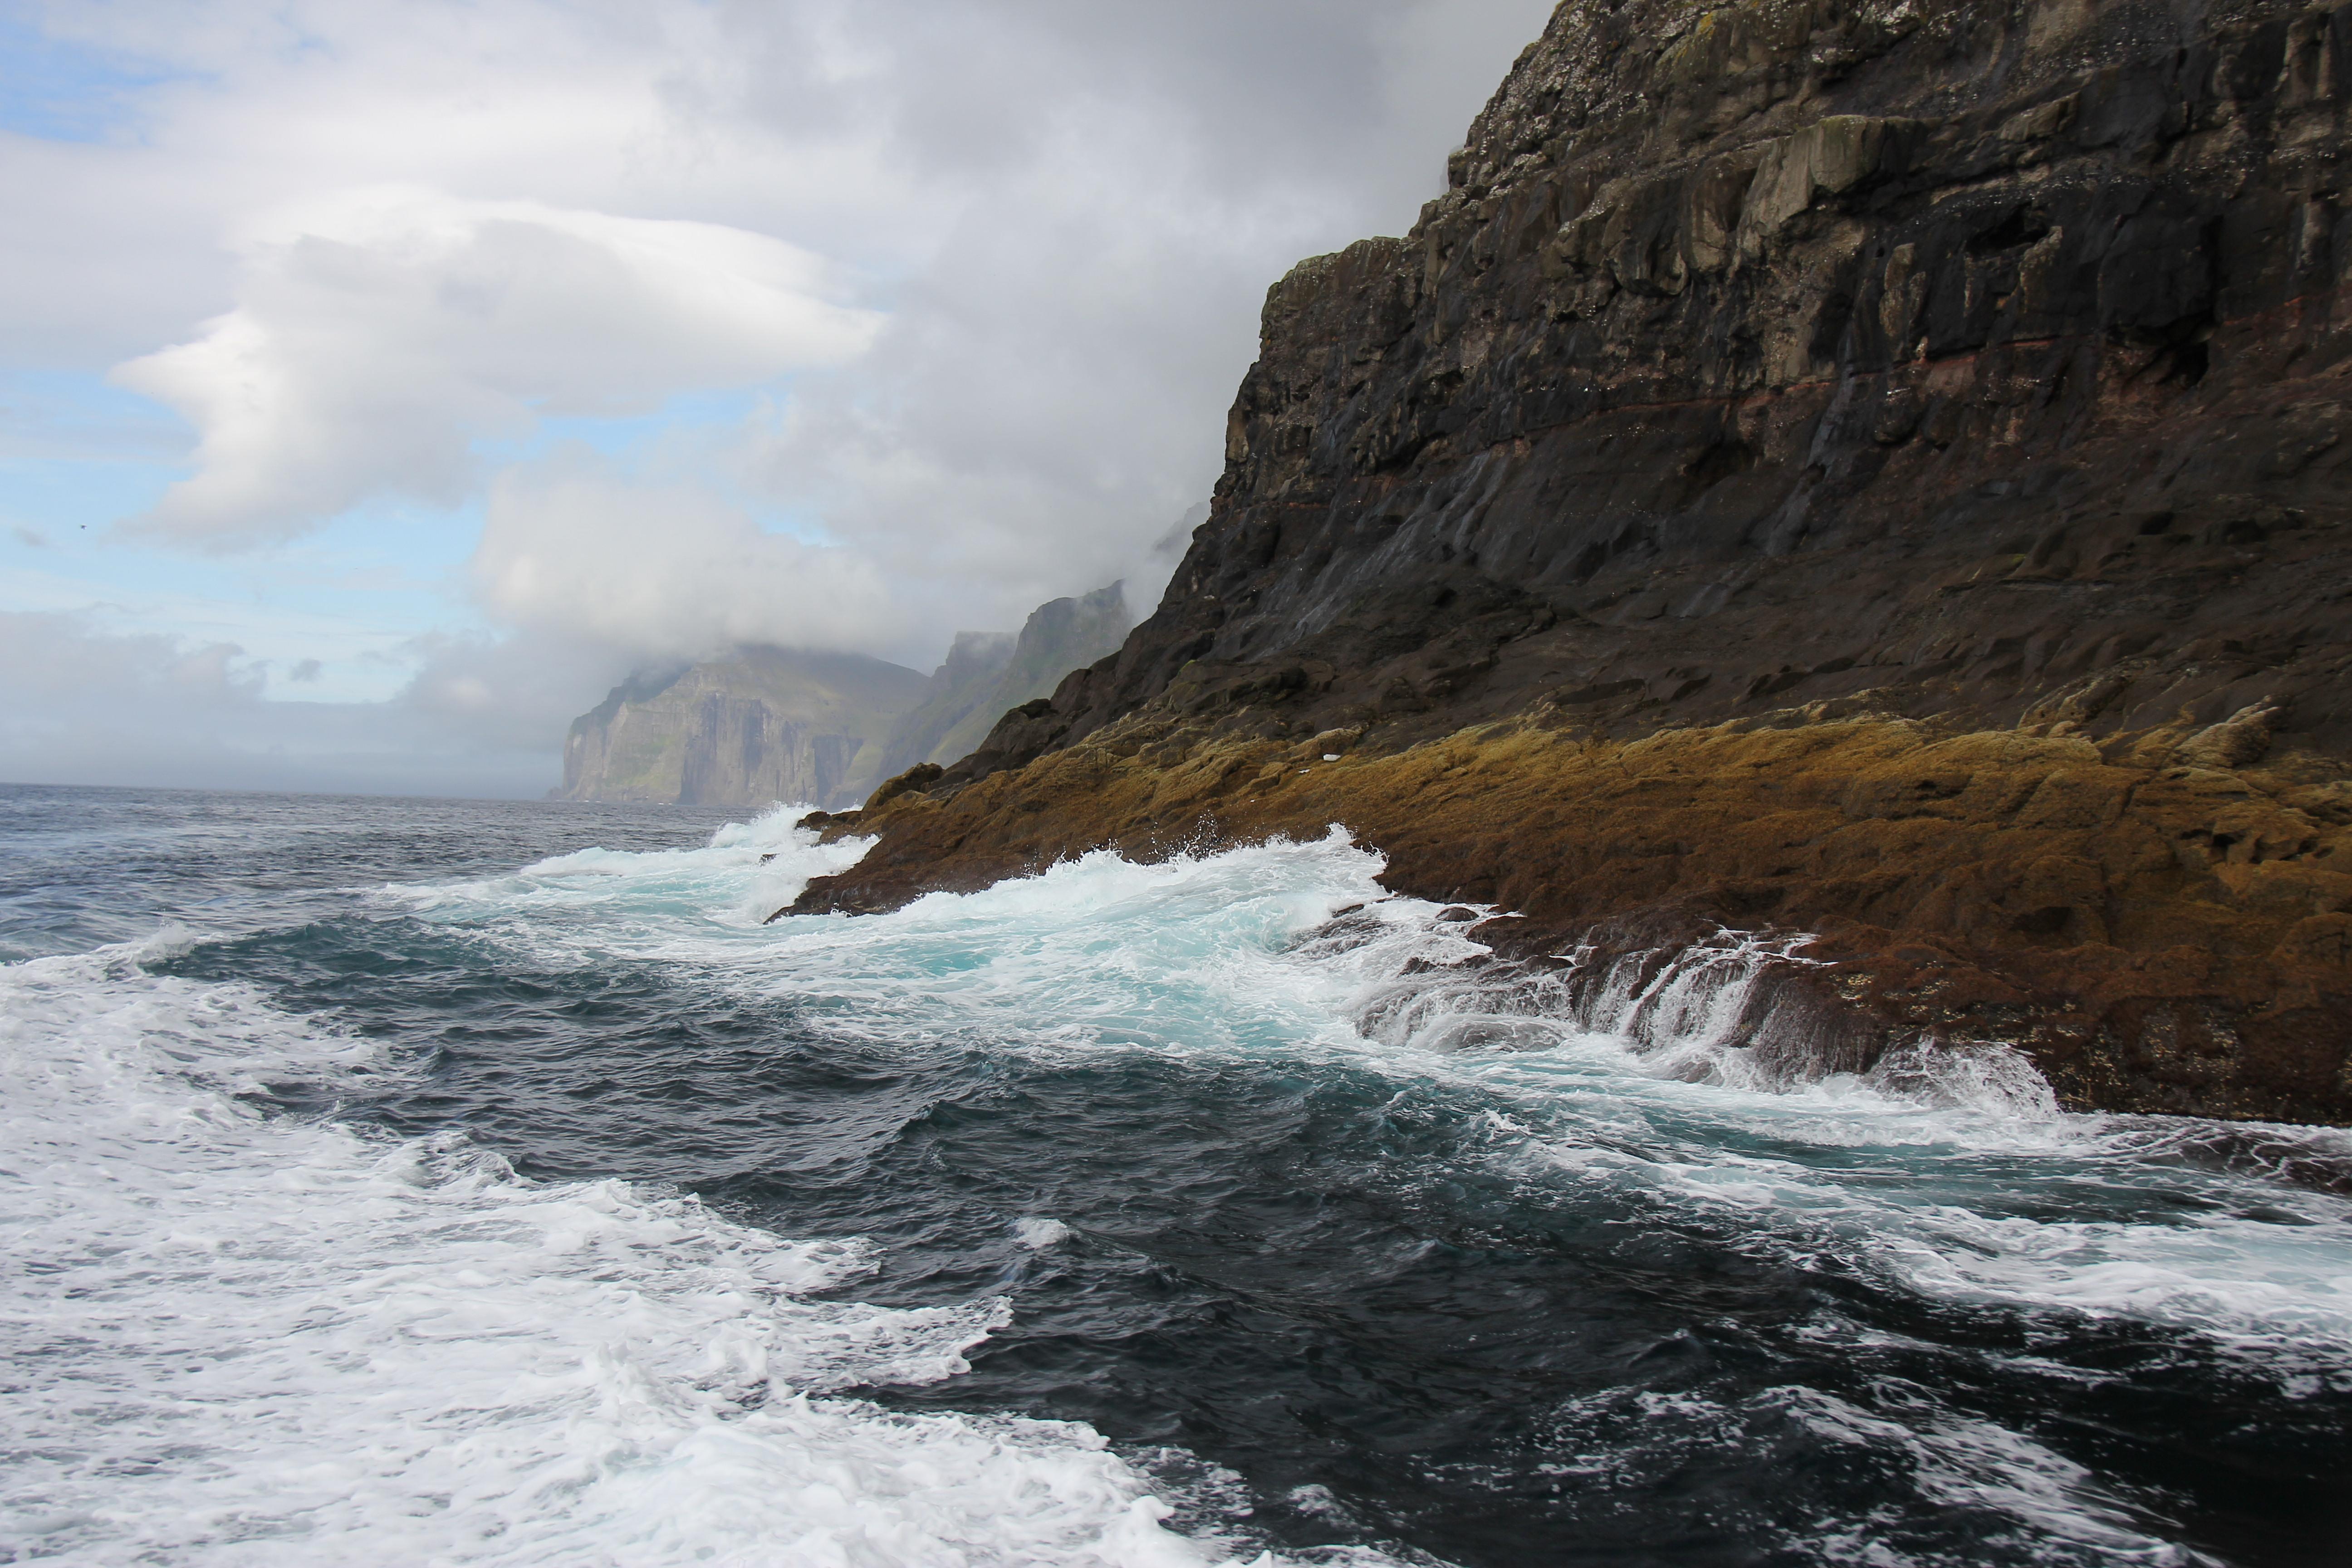 Flere steder løfter de store havdønninger os op og ned når vi sejler tæt på klipperne som kaptajnen har fortalt fortsætter flere hundrede meter direkte ned i havet.